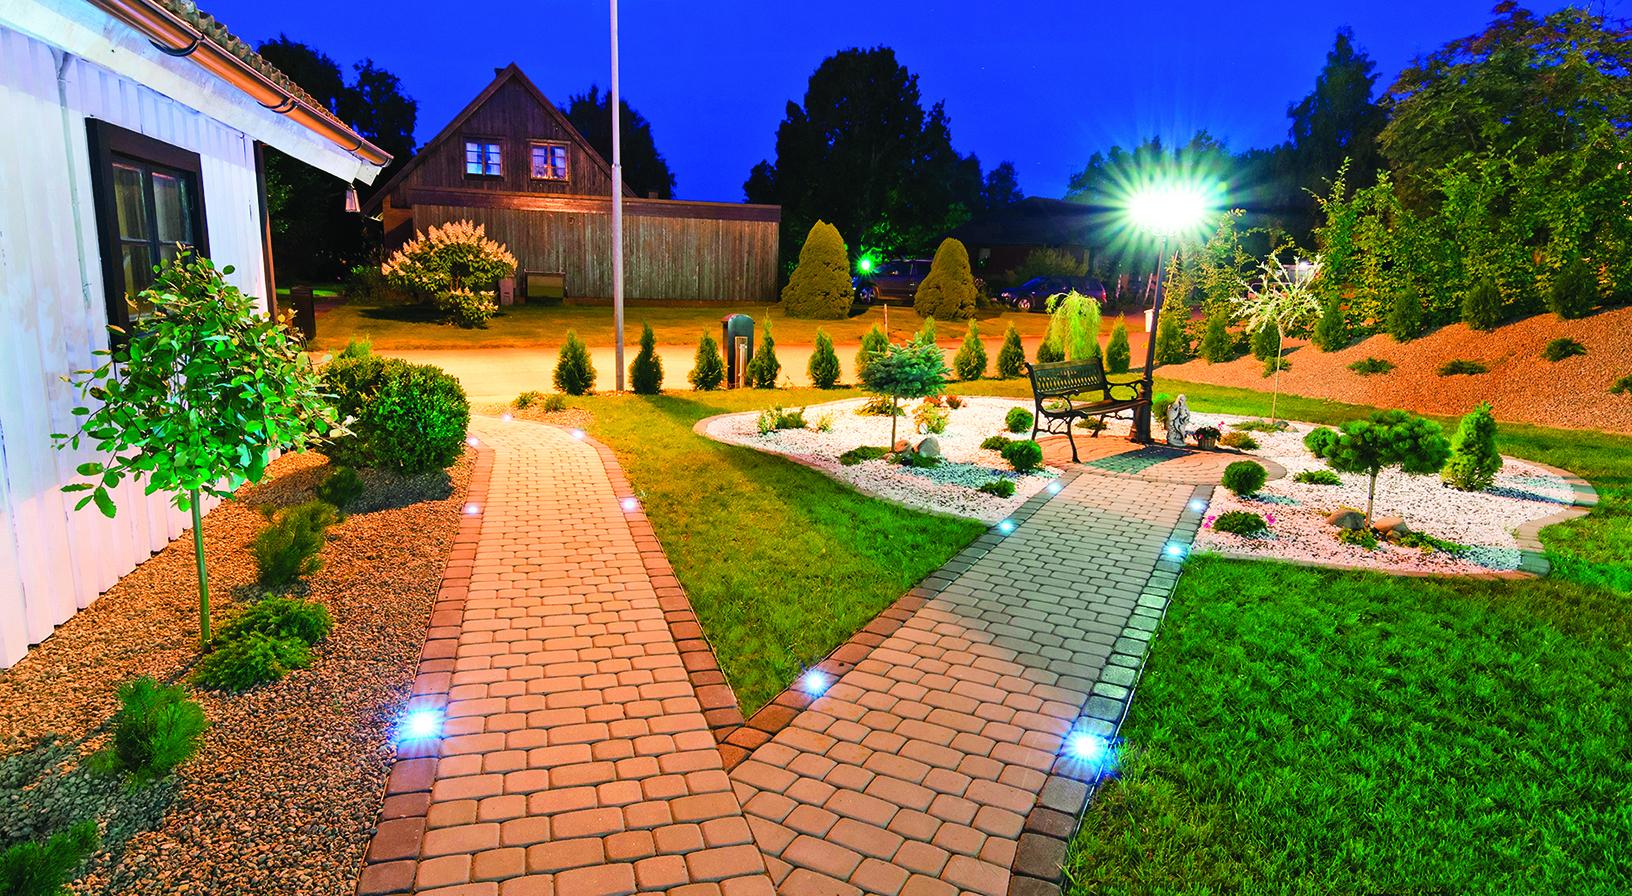 一個規劃良好的戶外照明方案,會讓花園看起來美麗明亮。